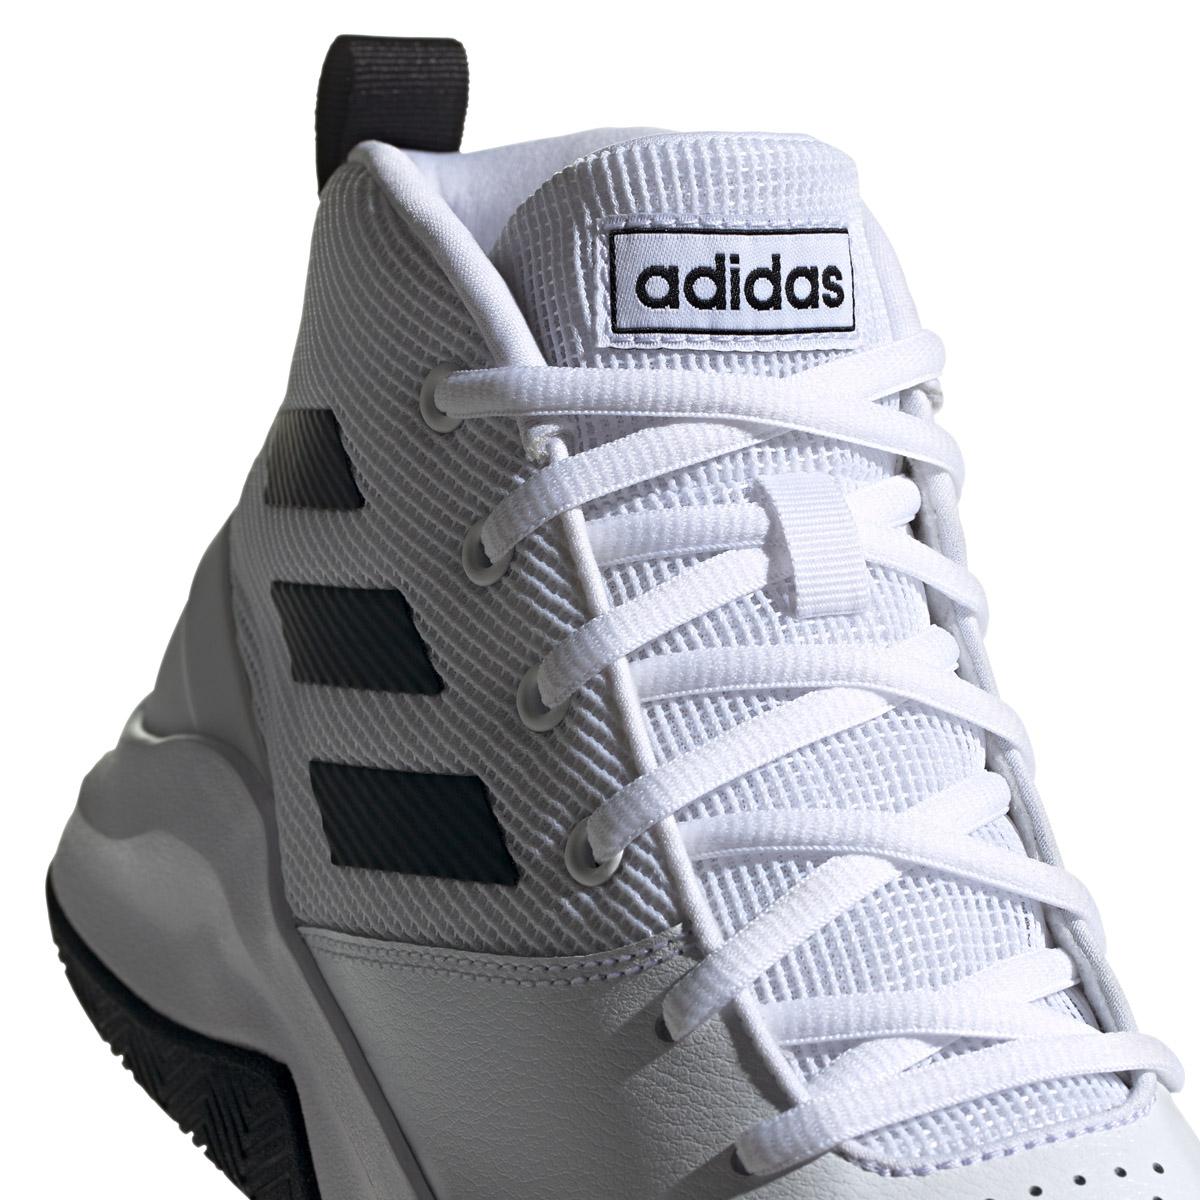 adidas Basketballschuh in Übergröße, Own The Game, weiß